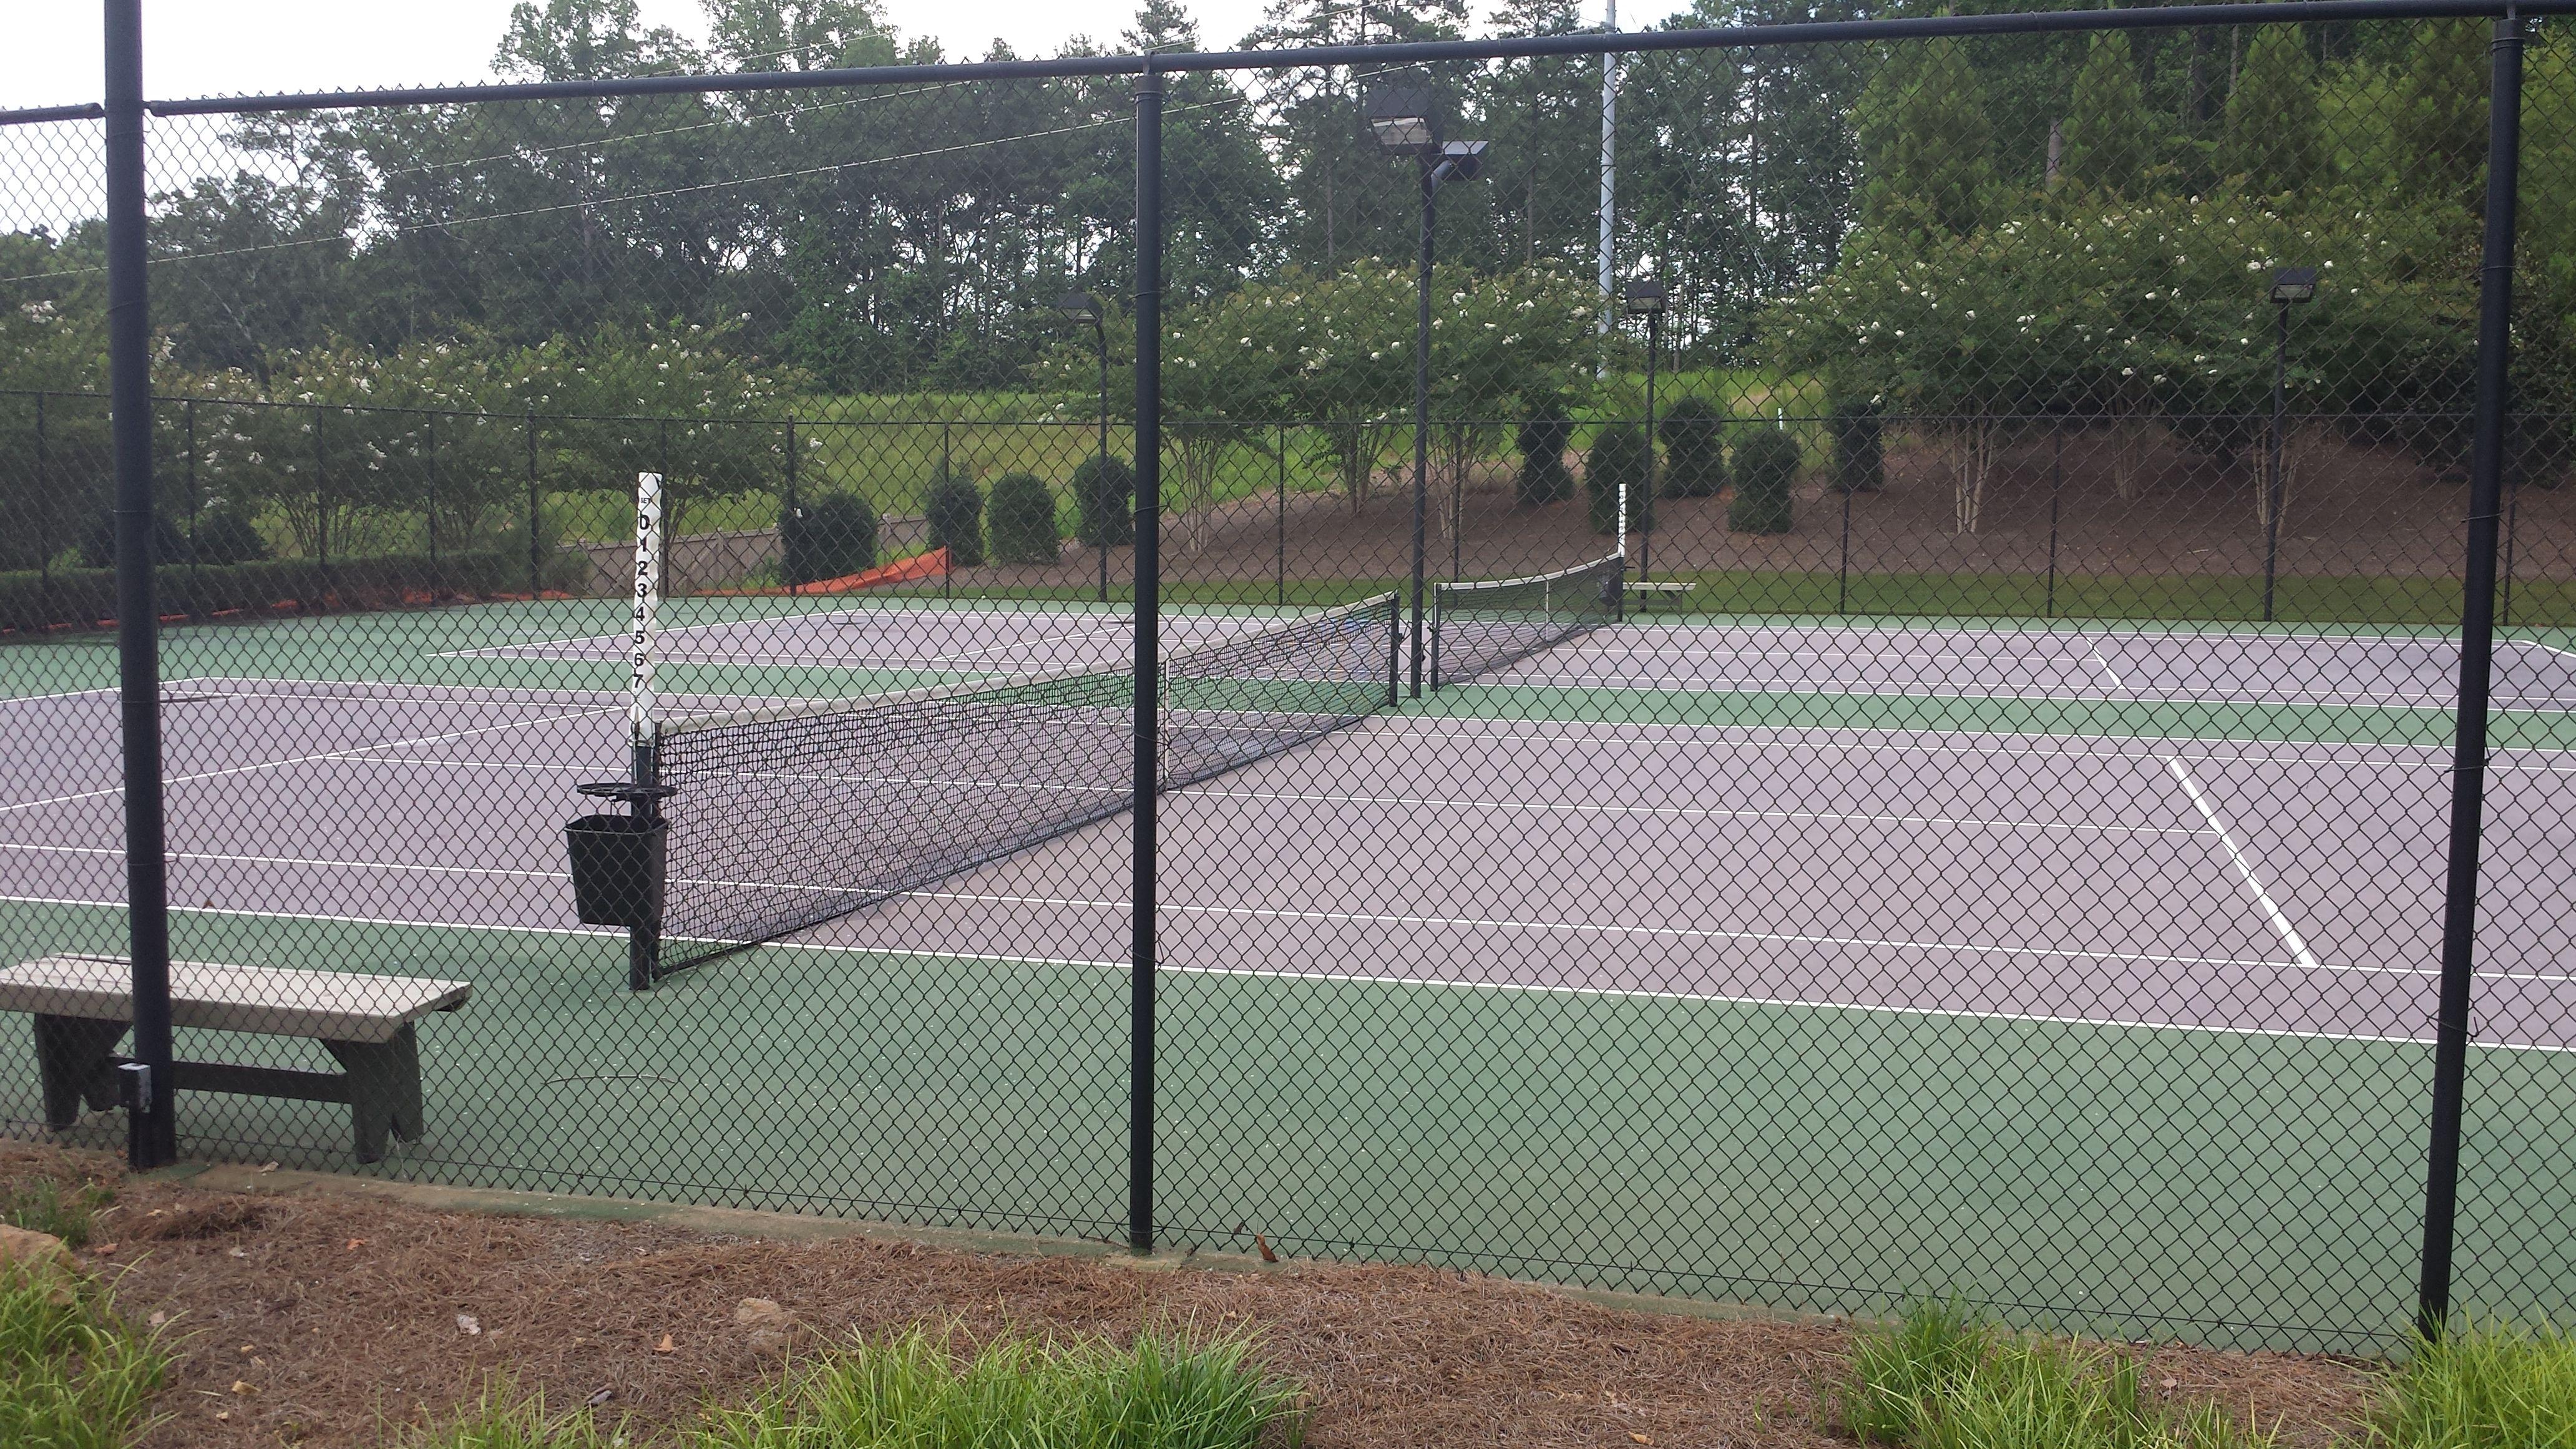 Brookhaven berkshire brookhaven tennis court